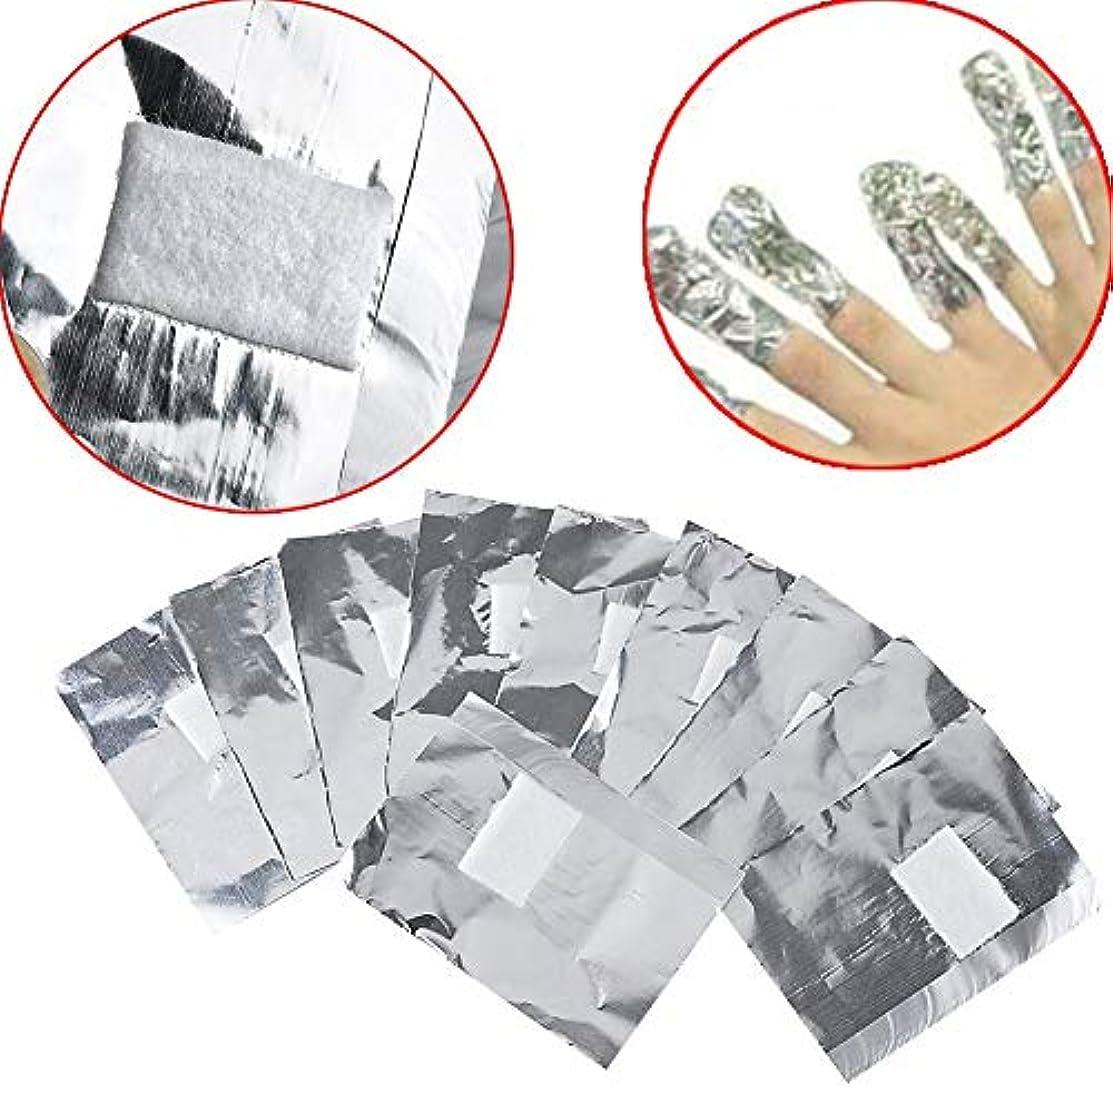 寸法シングル偽善者アクリル UVジェル ネイルポリッシュをきれいにオフ コットン付きアルミホイル 素敵な在宅ゲル爪マニキュア用品200pcs